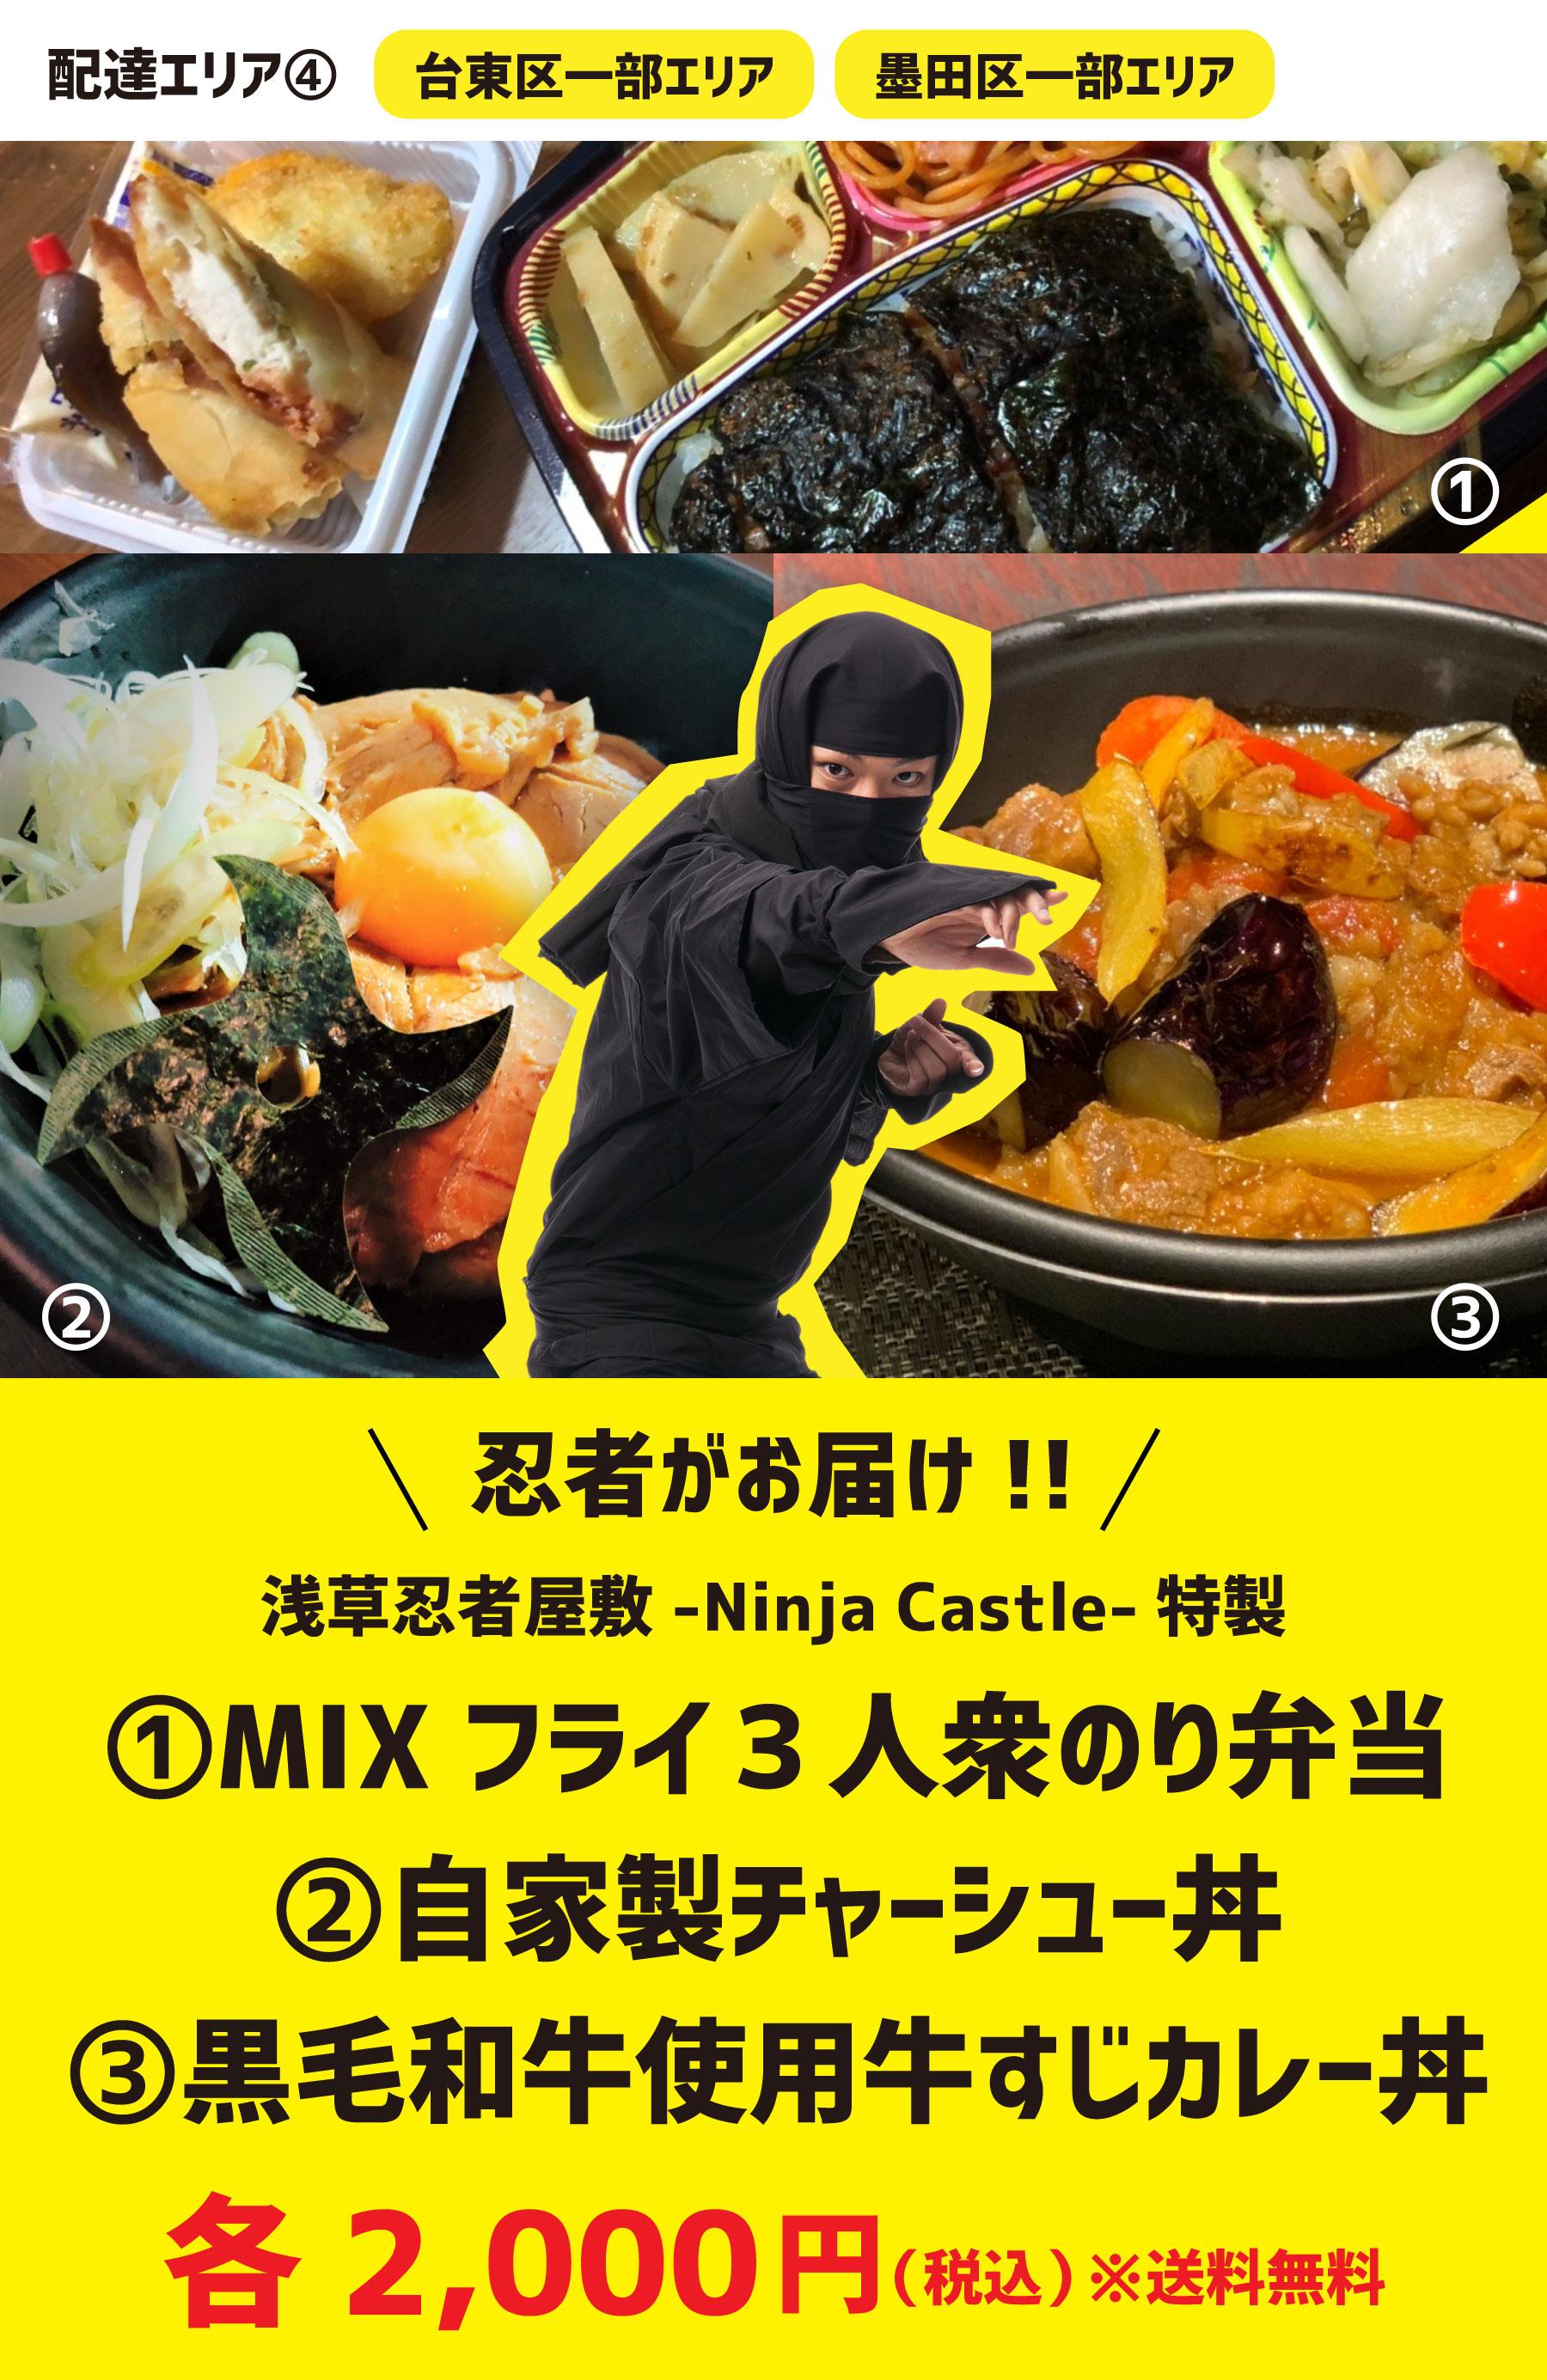 menu2-04